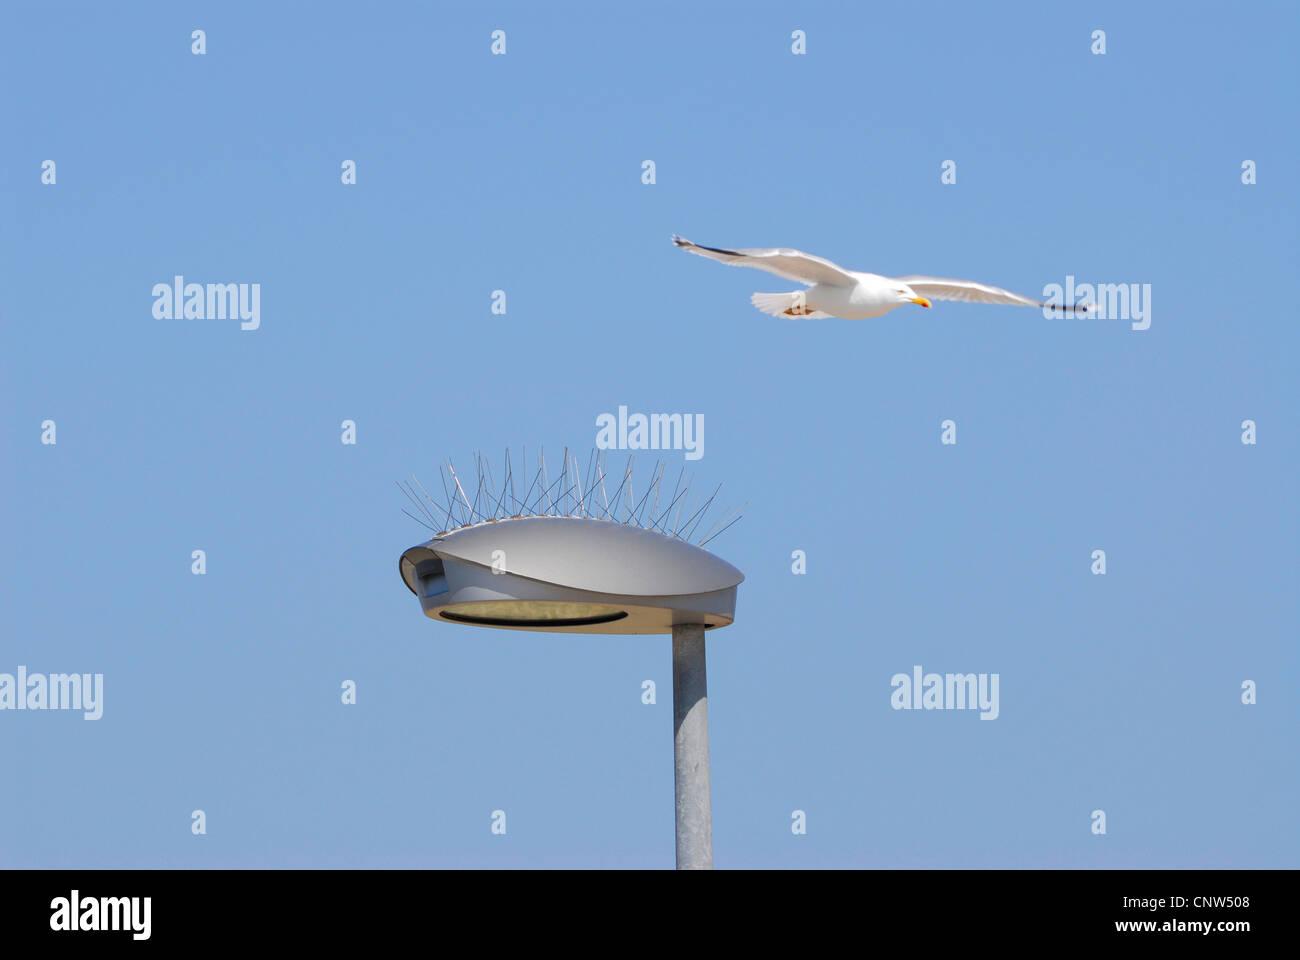 Möwen (Larinae), Schutz für Vögel auf einer Straße Laterne, Deutschland, Helgoland Stockbild